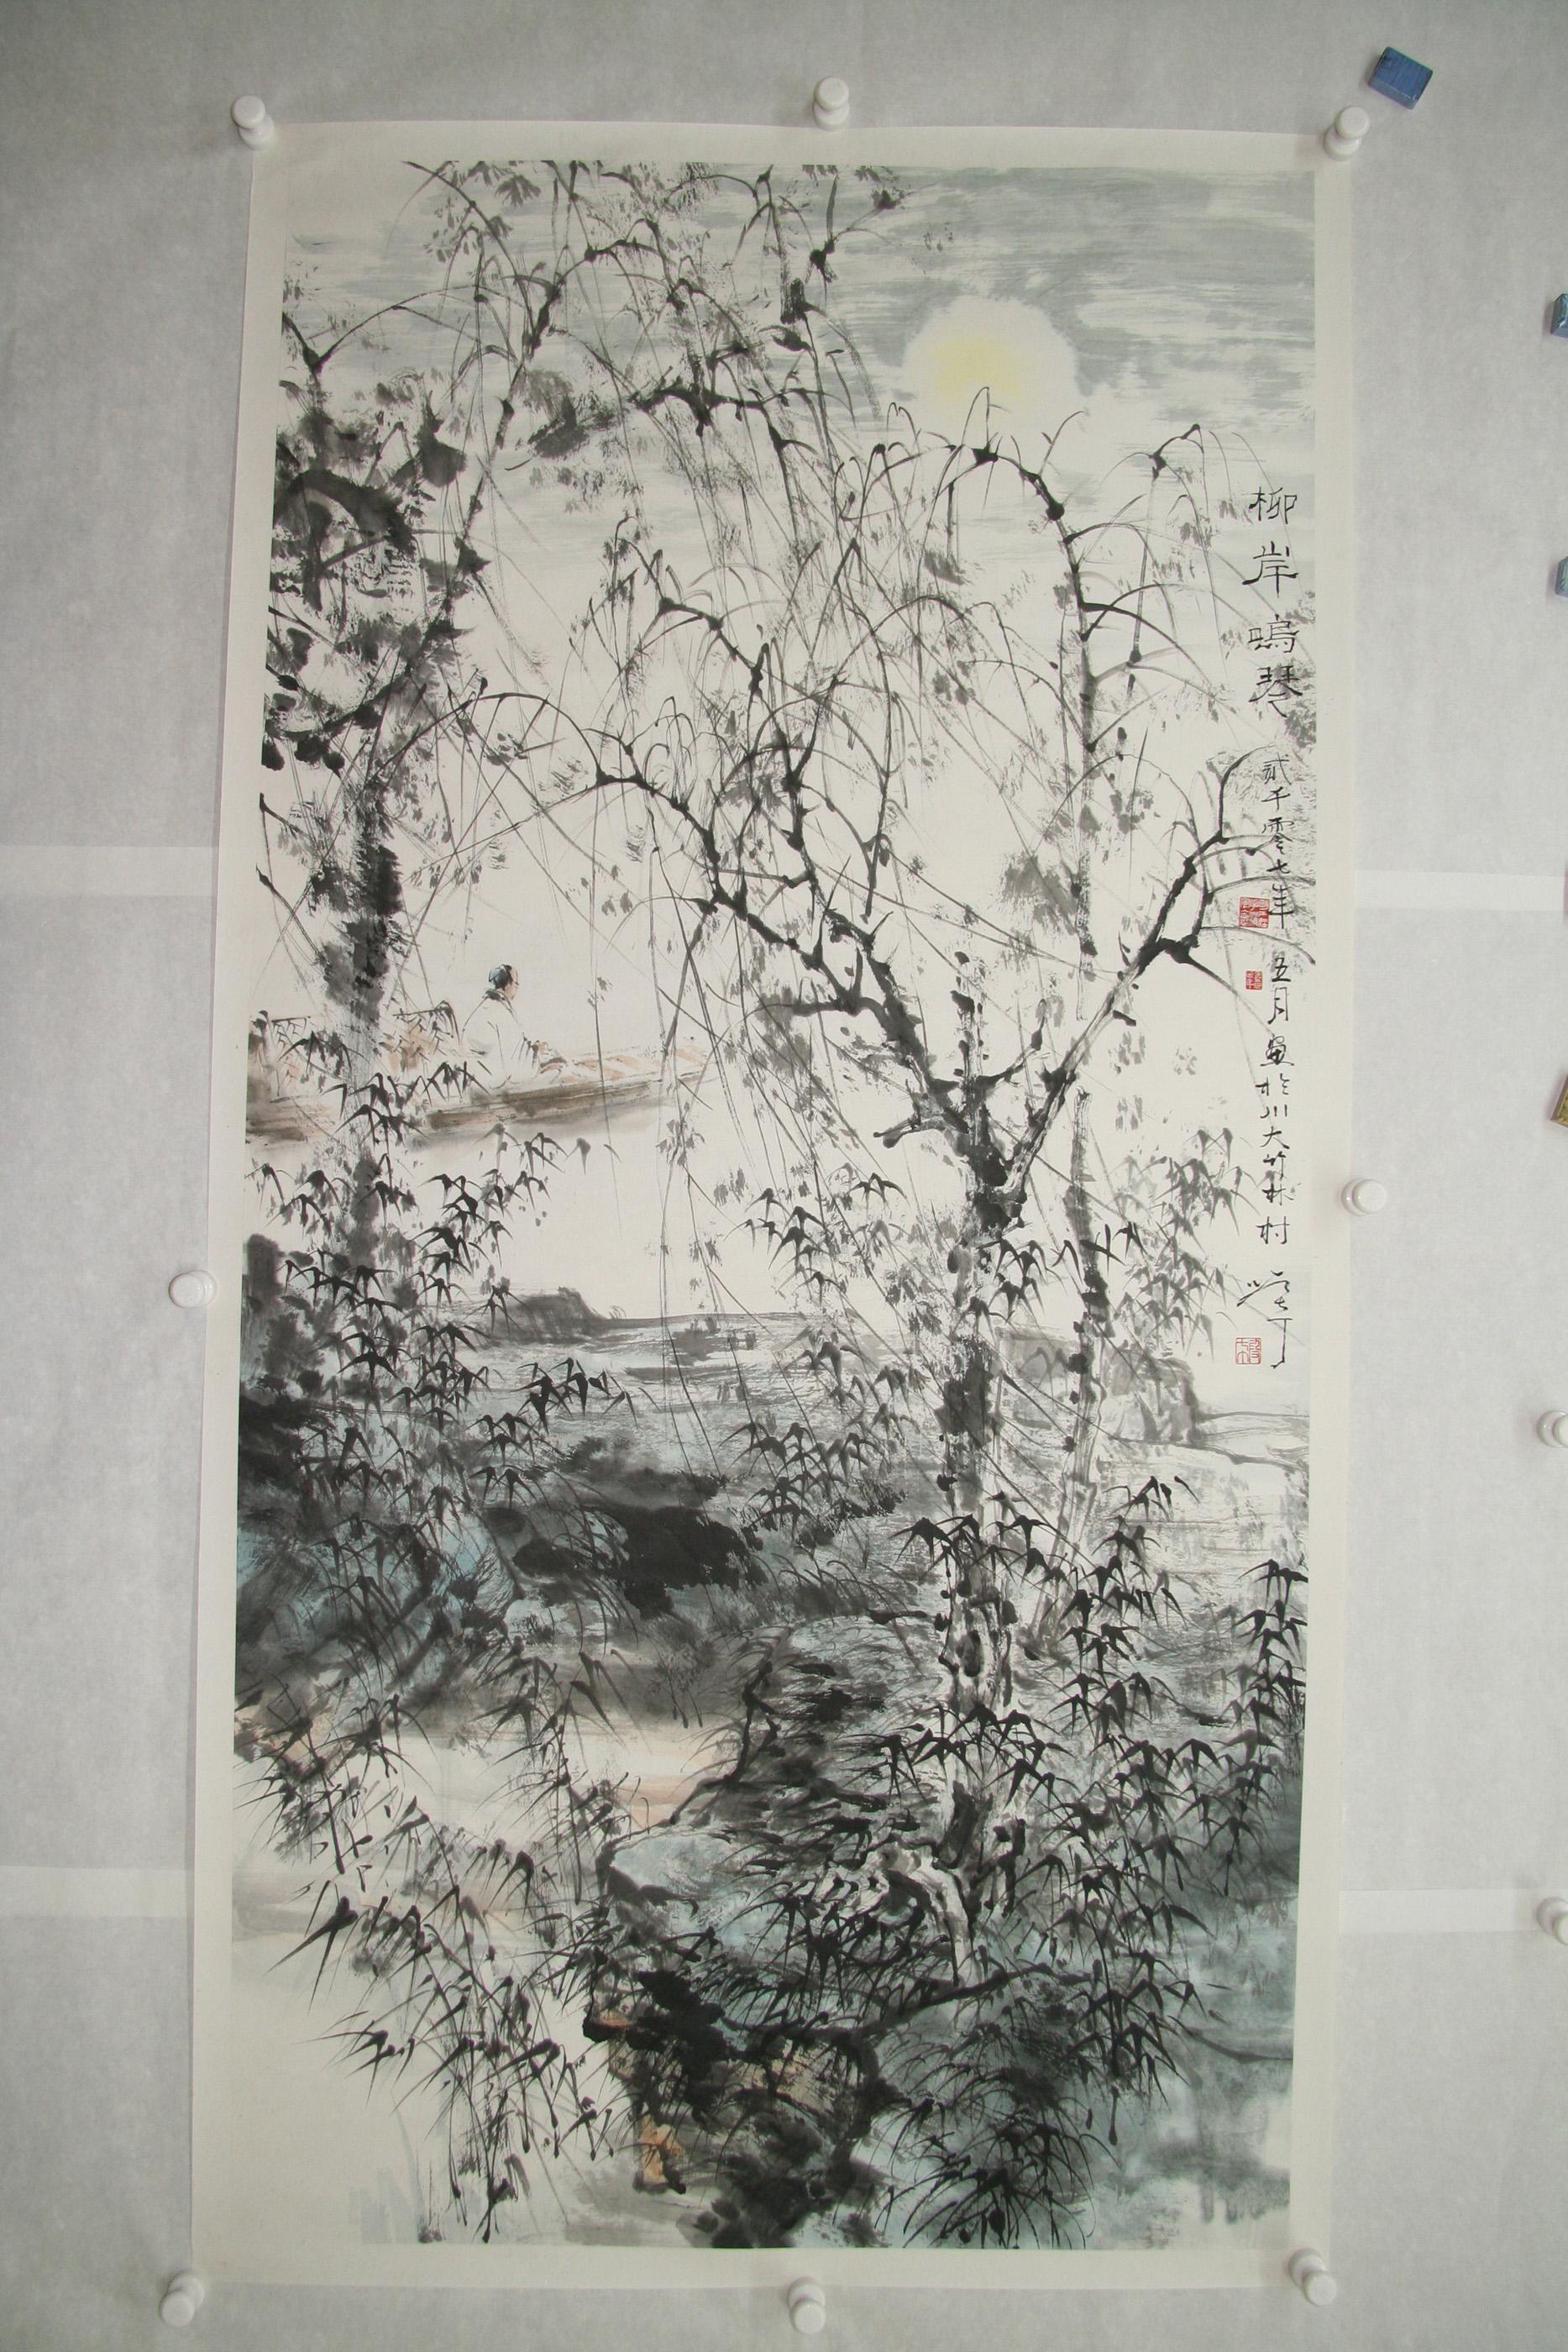 竹亭清夏3 Bamboo Pavilion in Summer 3